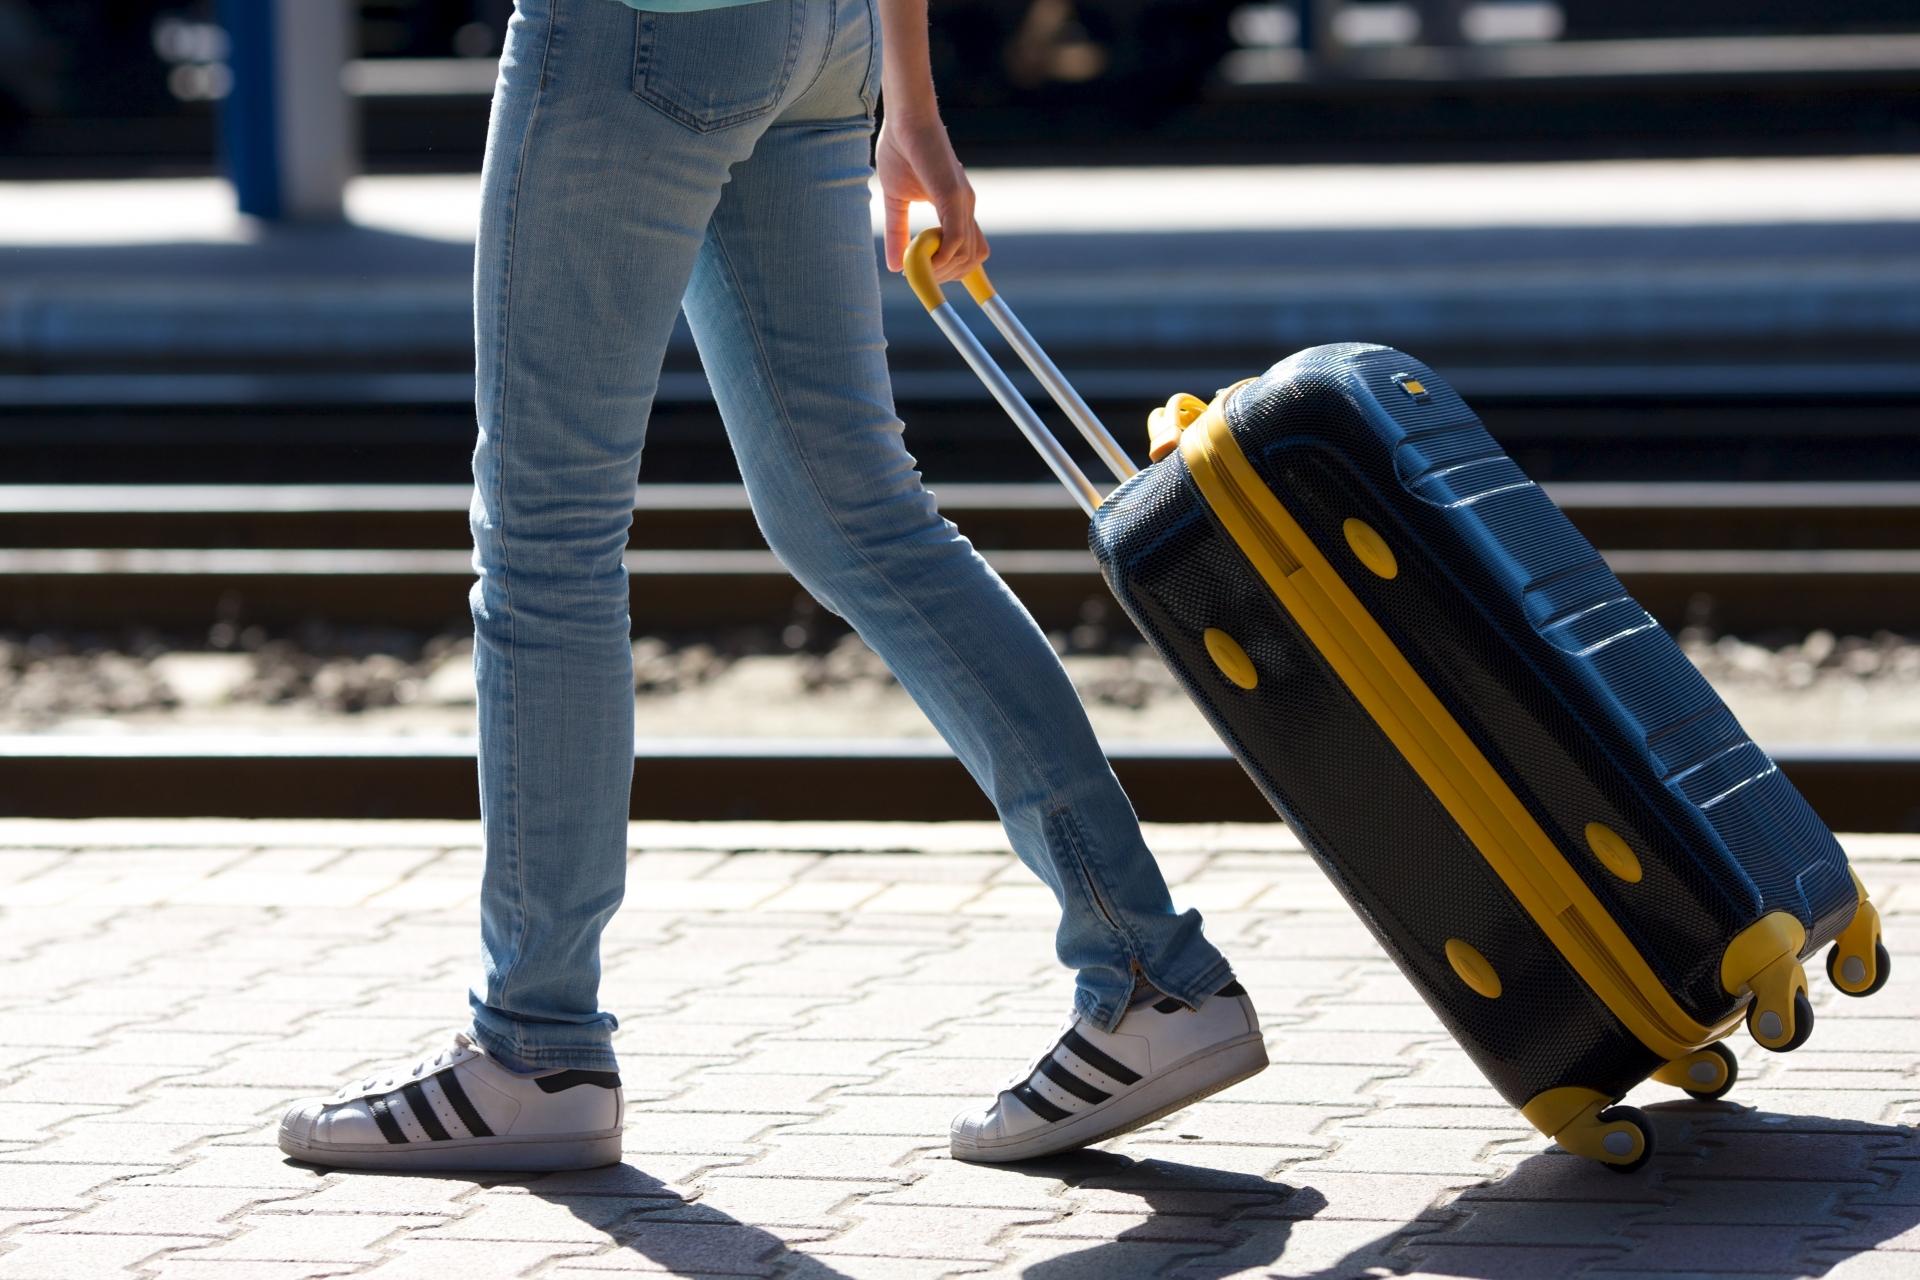 リモワのおすすめスーツケース5選!人気のサルサやトパーズも紹介